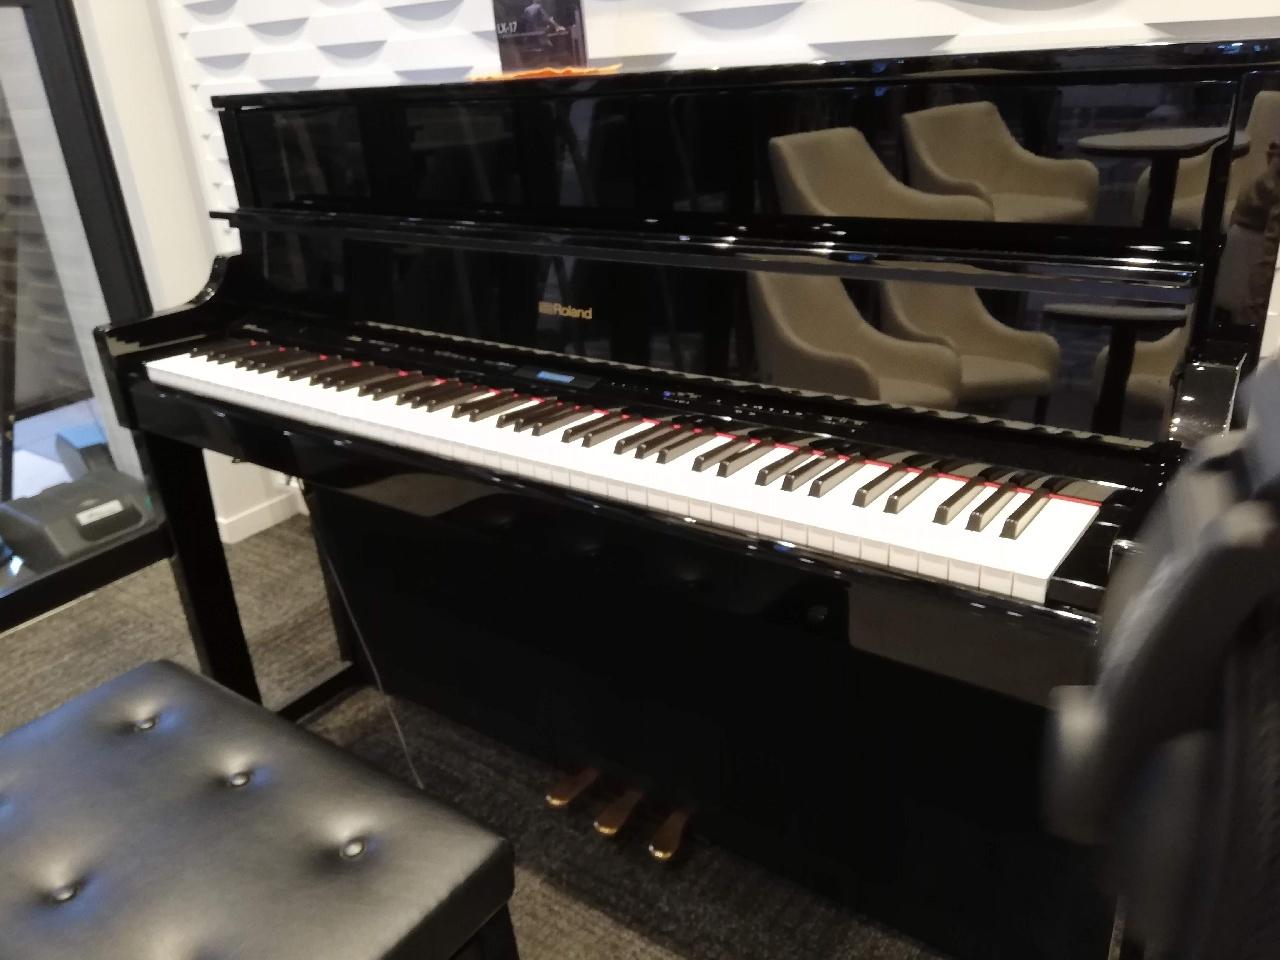 浜松SA下り ローランド楽器ルーム内のピアノ